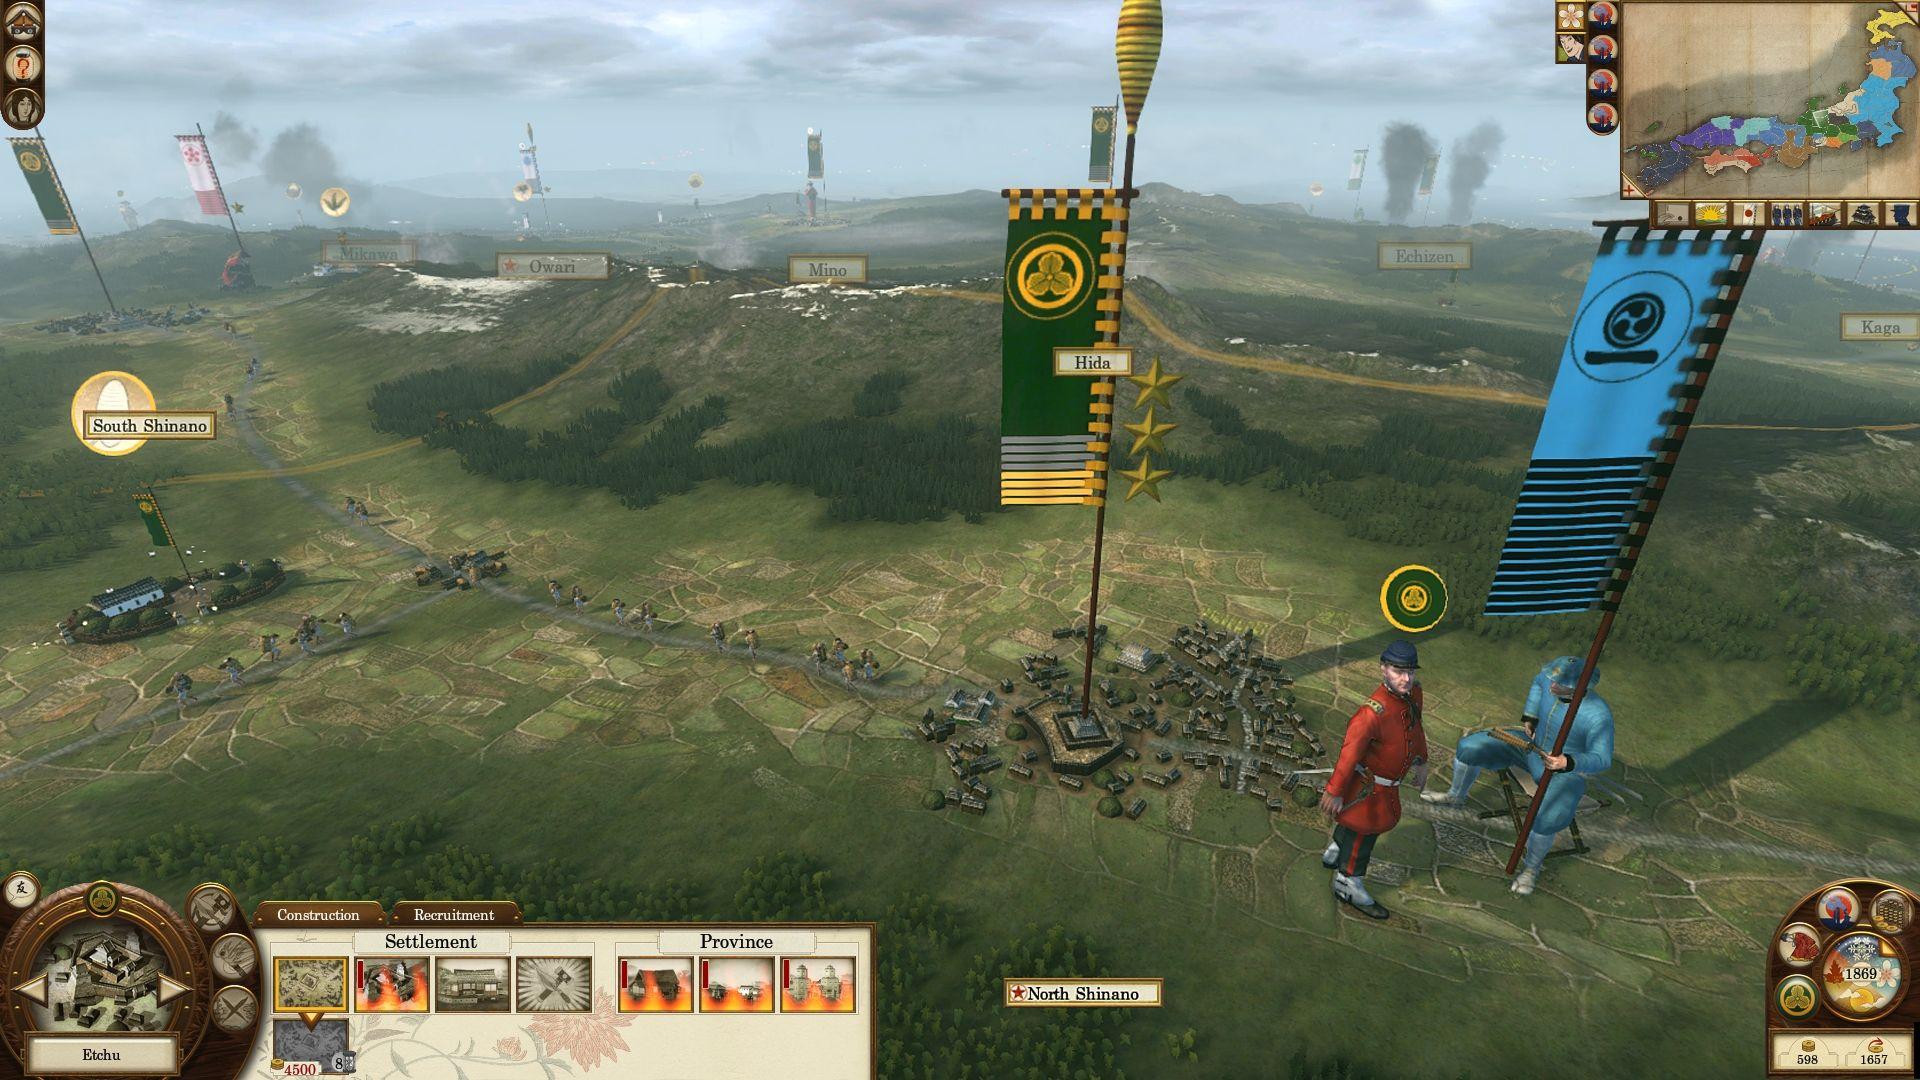 Datum vydání datadisku Shogun 2: Fall of the Samurai 59628